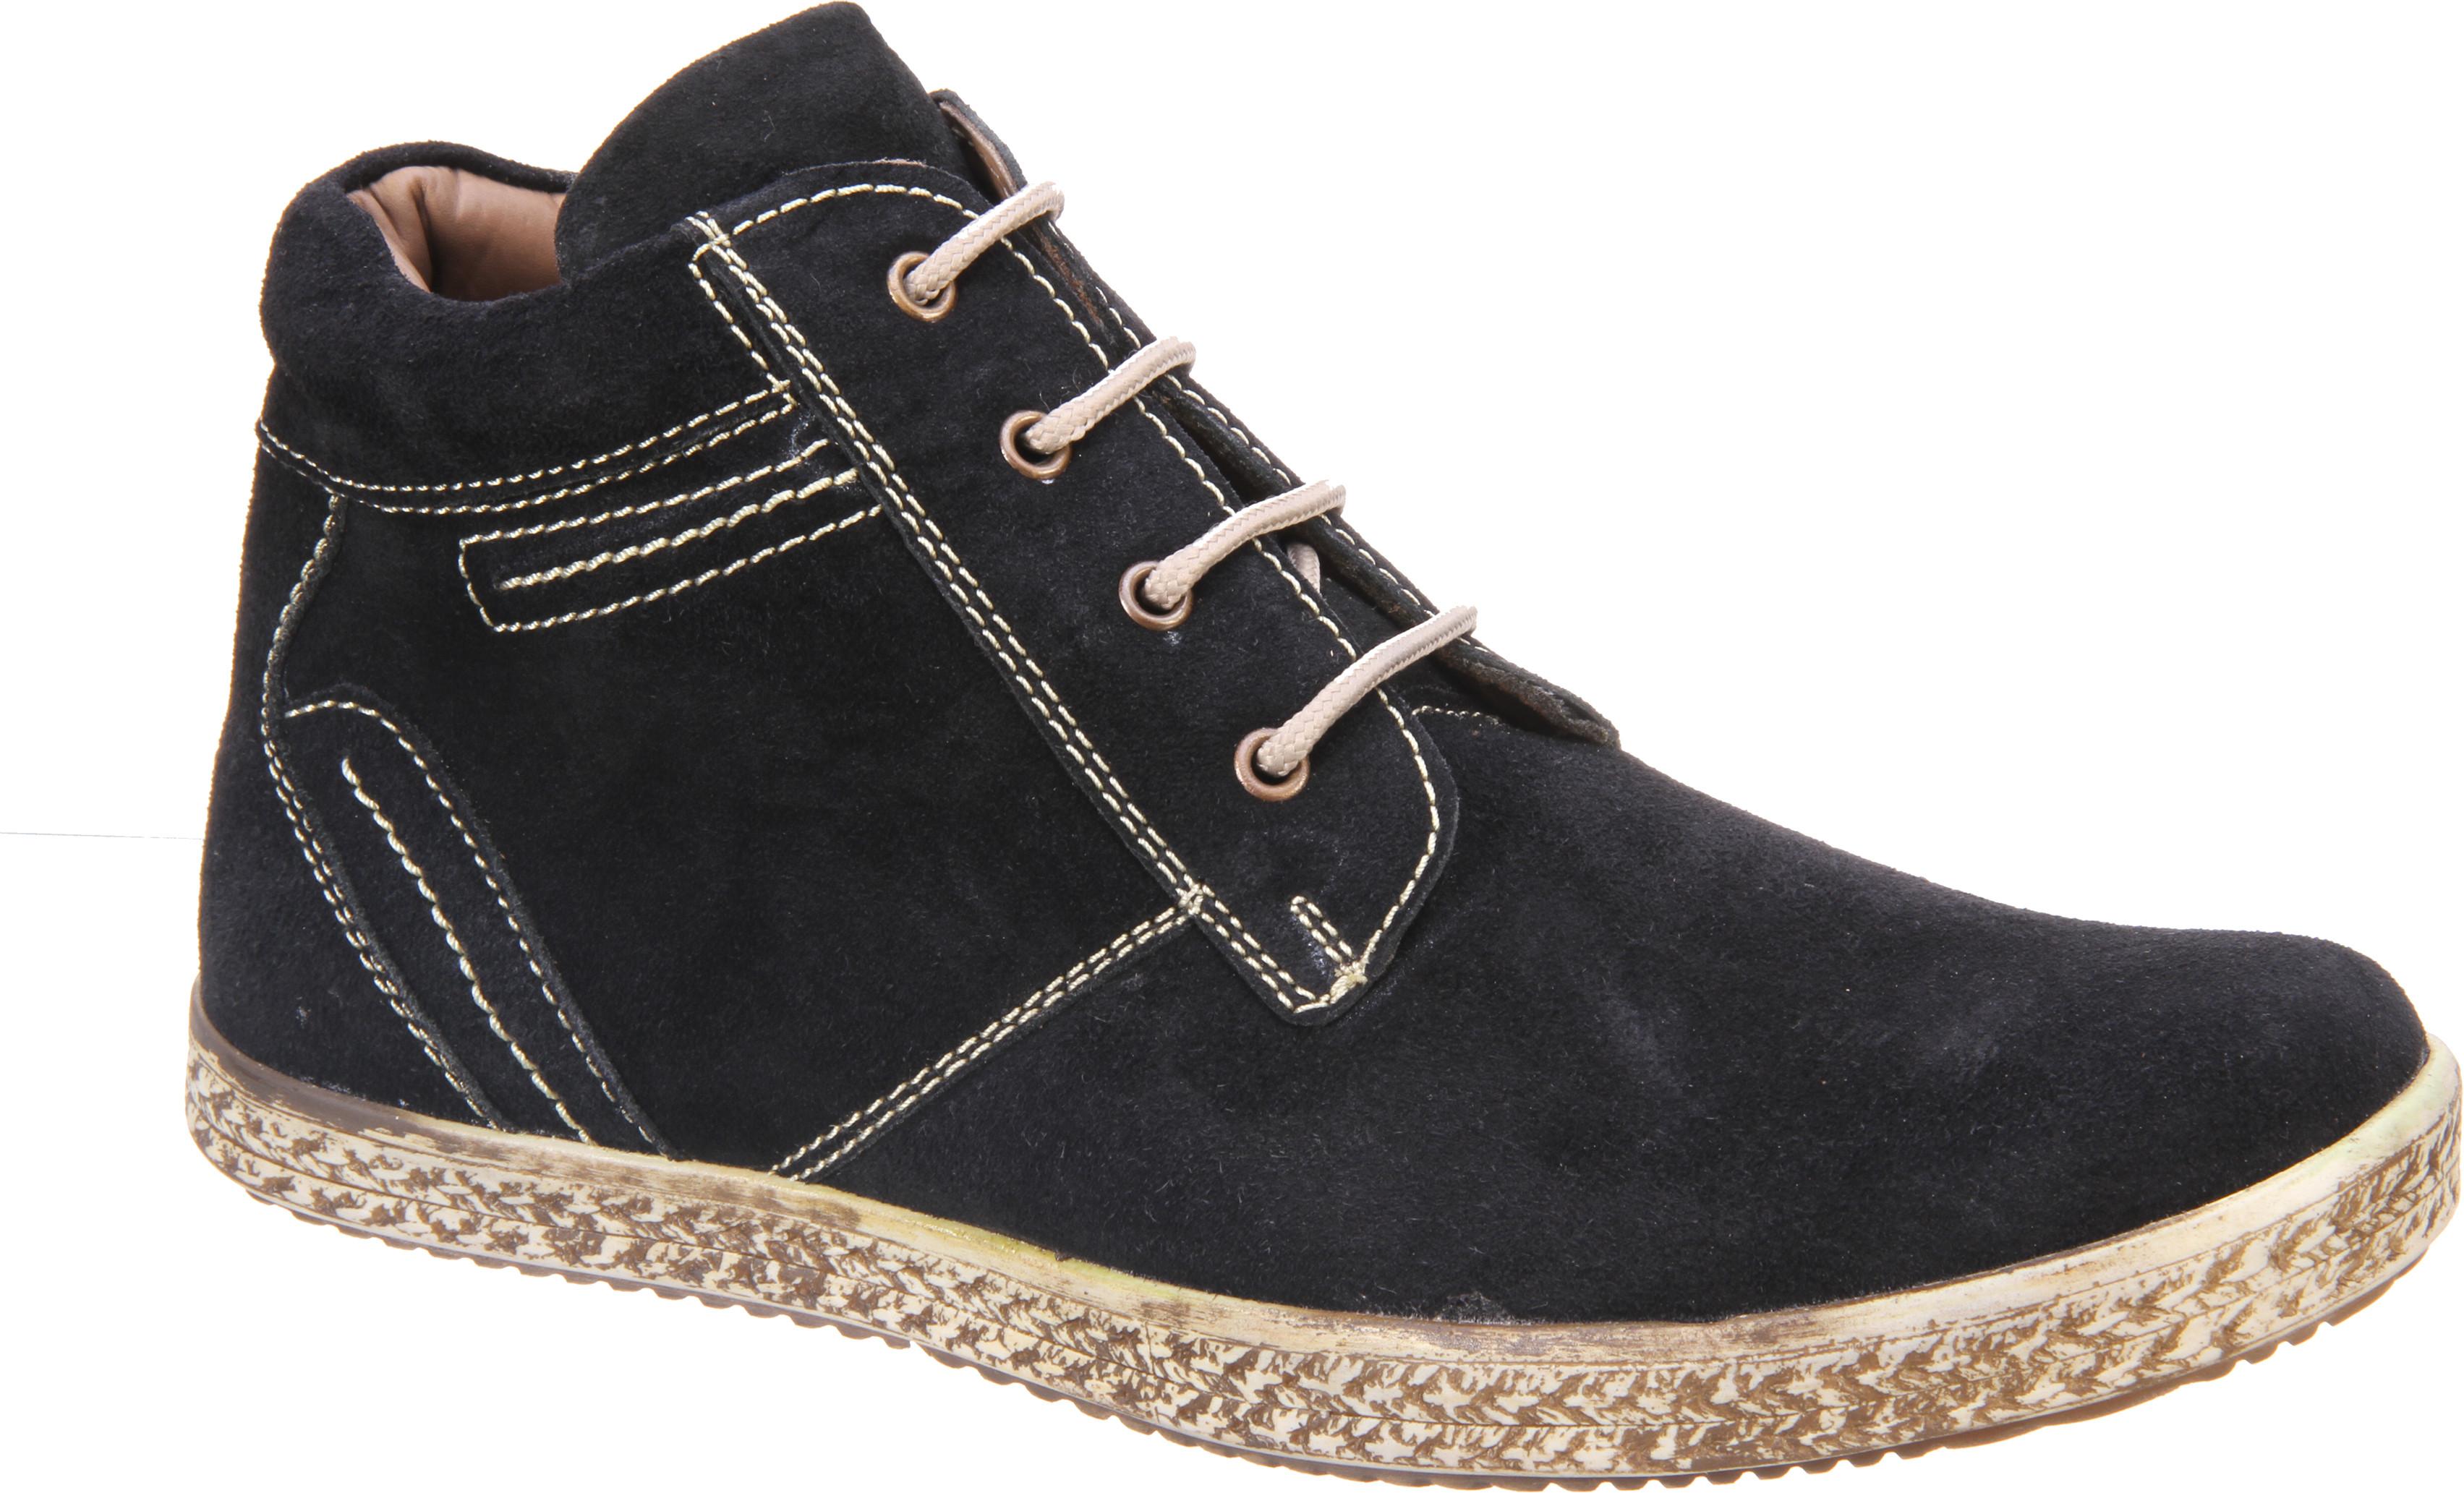 titas suede casual shoes buy black color titas suede